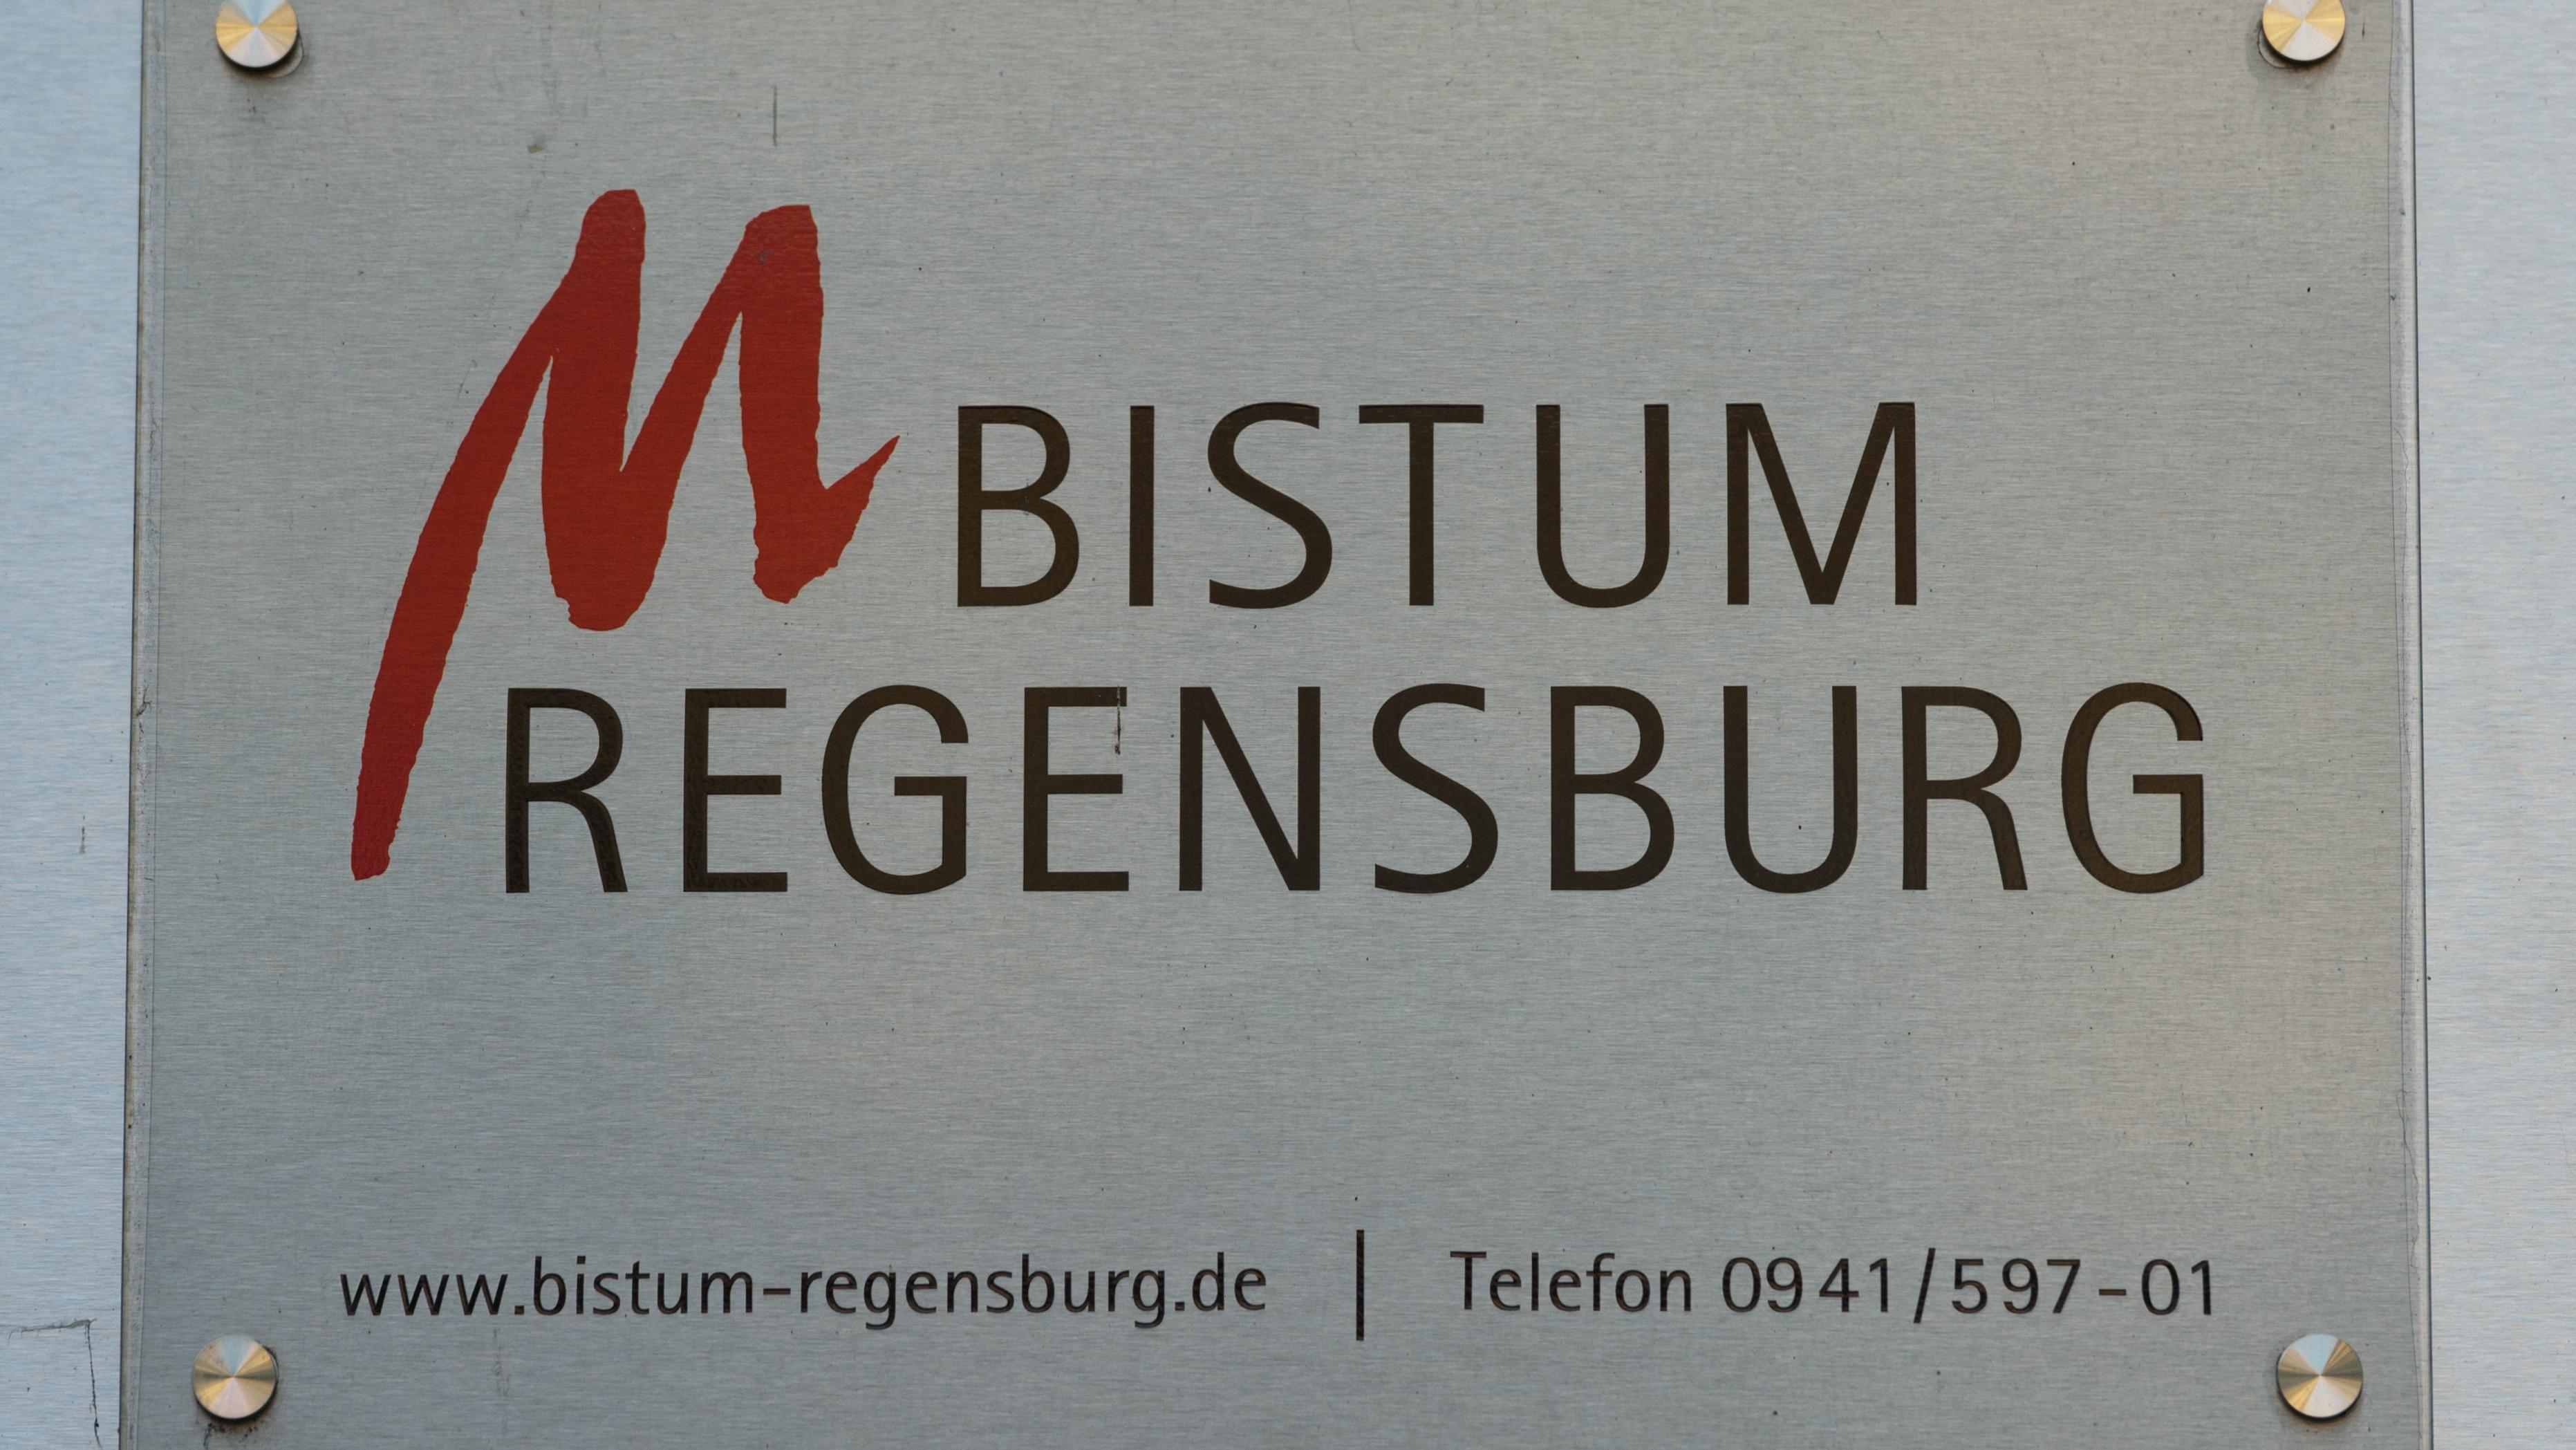 Symbolbild: Schild des Bistums Regensburg